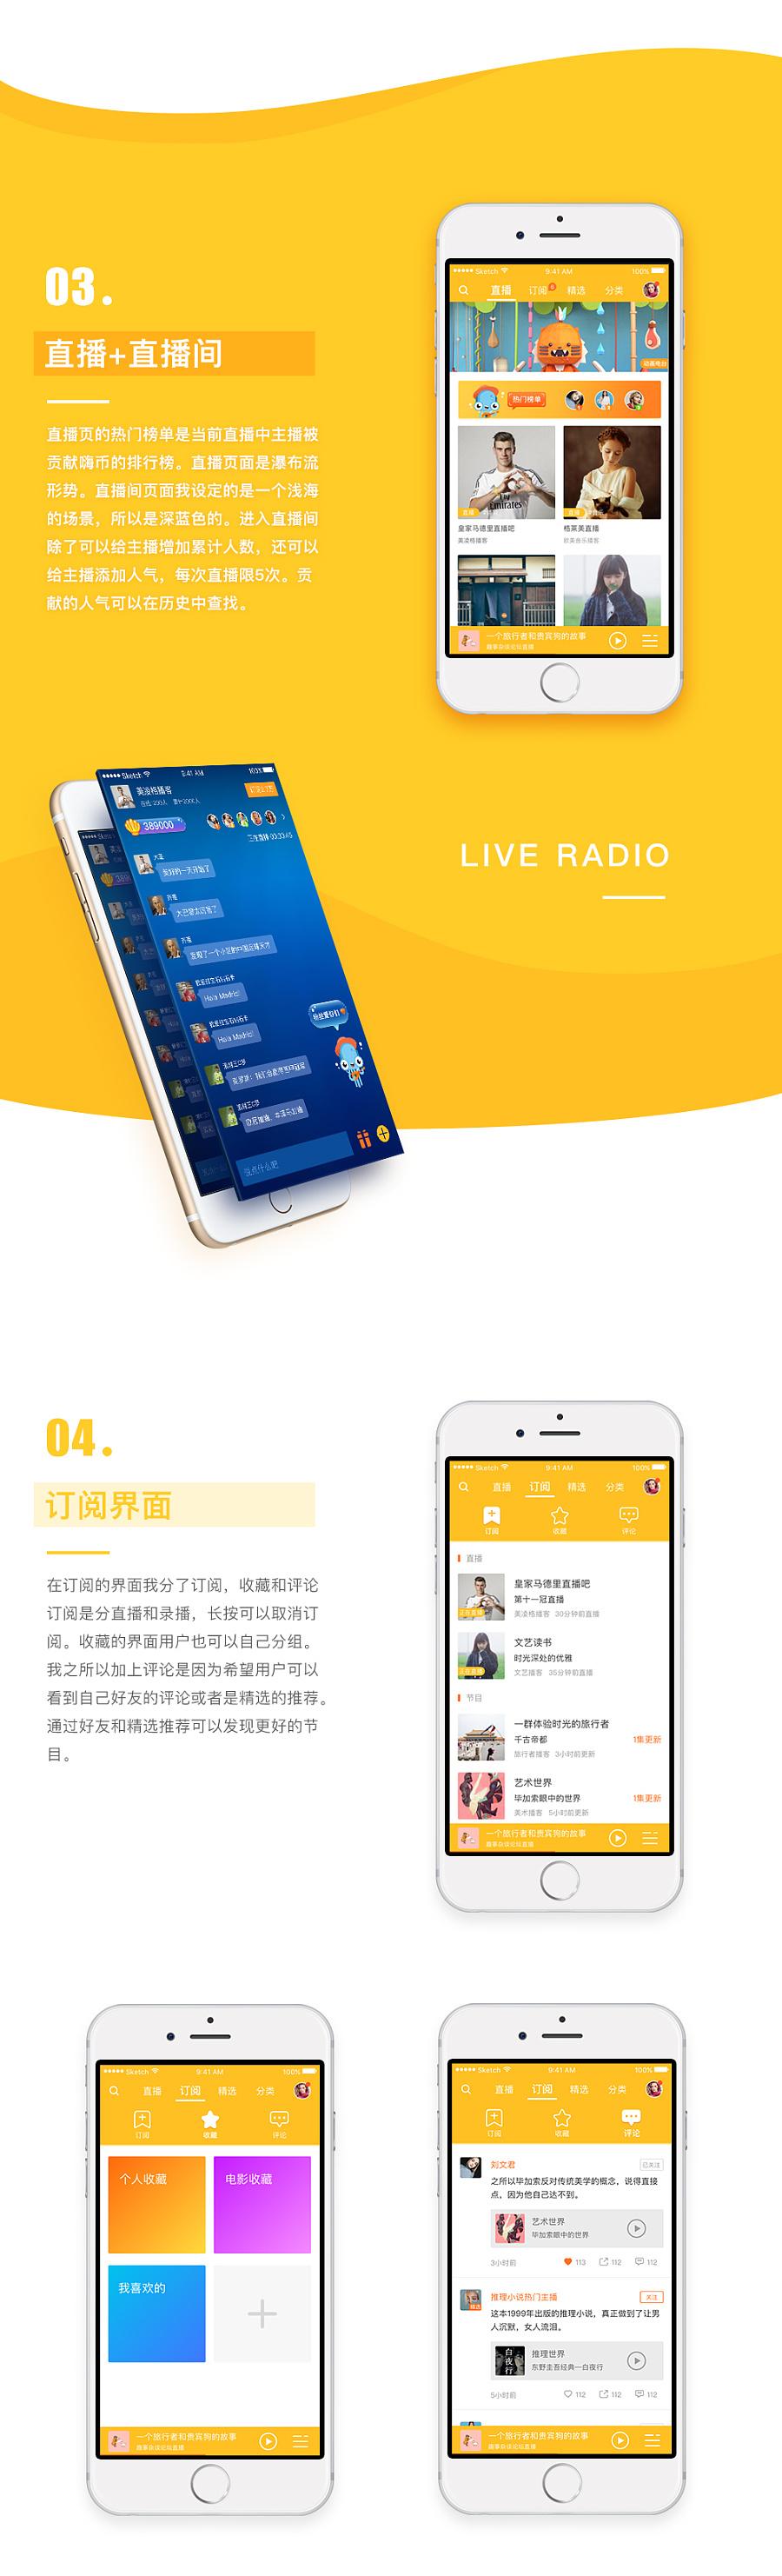 查看《酷嗨FM手机页面展示》原图,原图尺寸:1000x3292